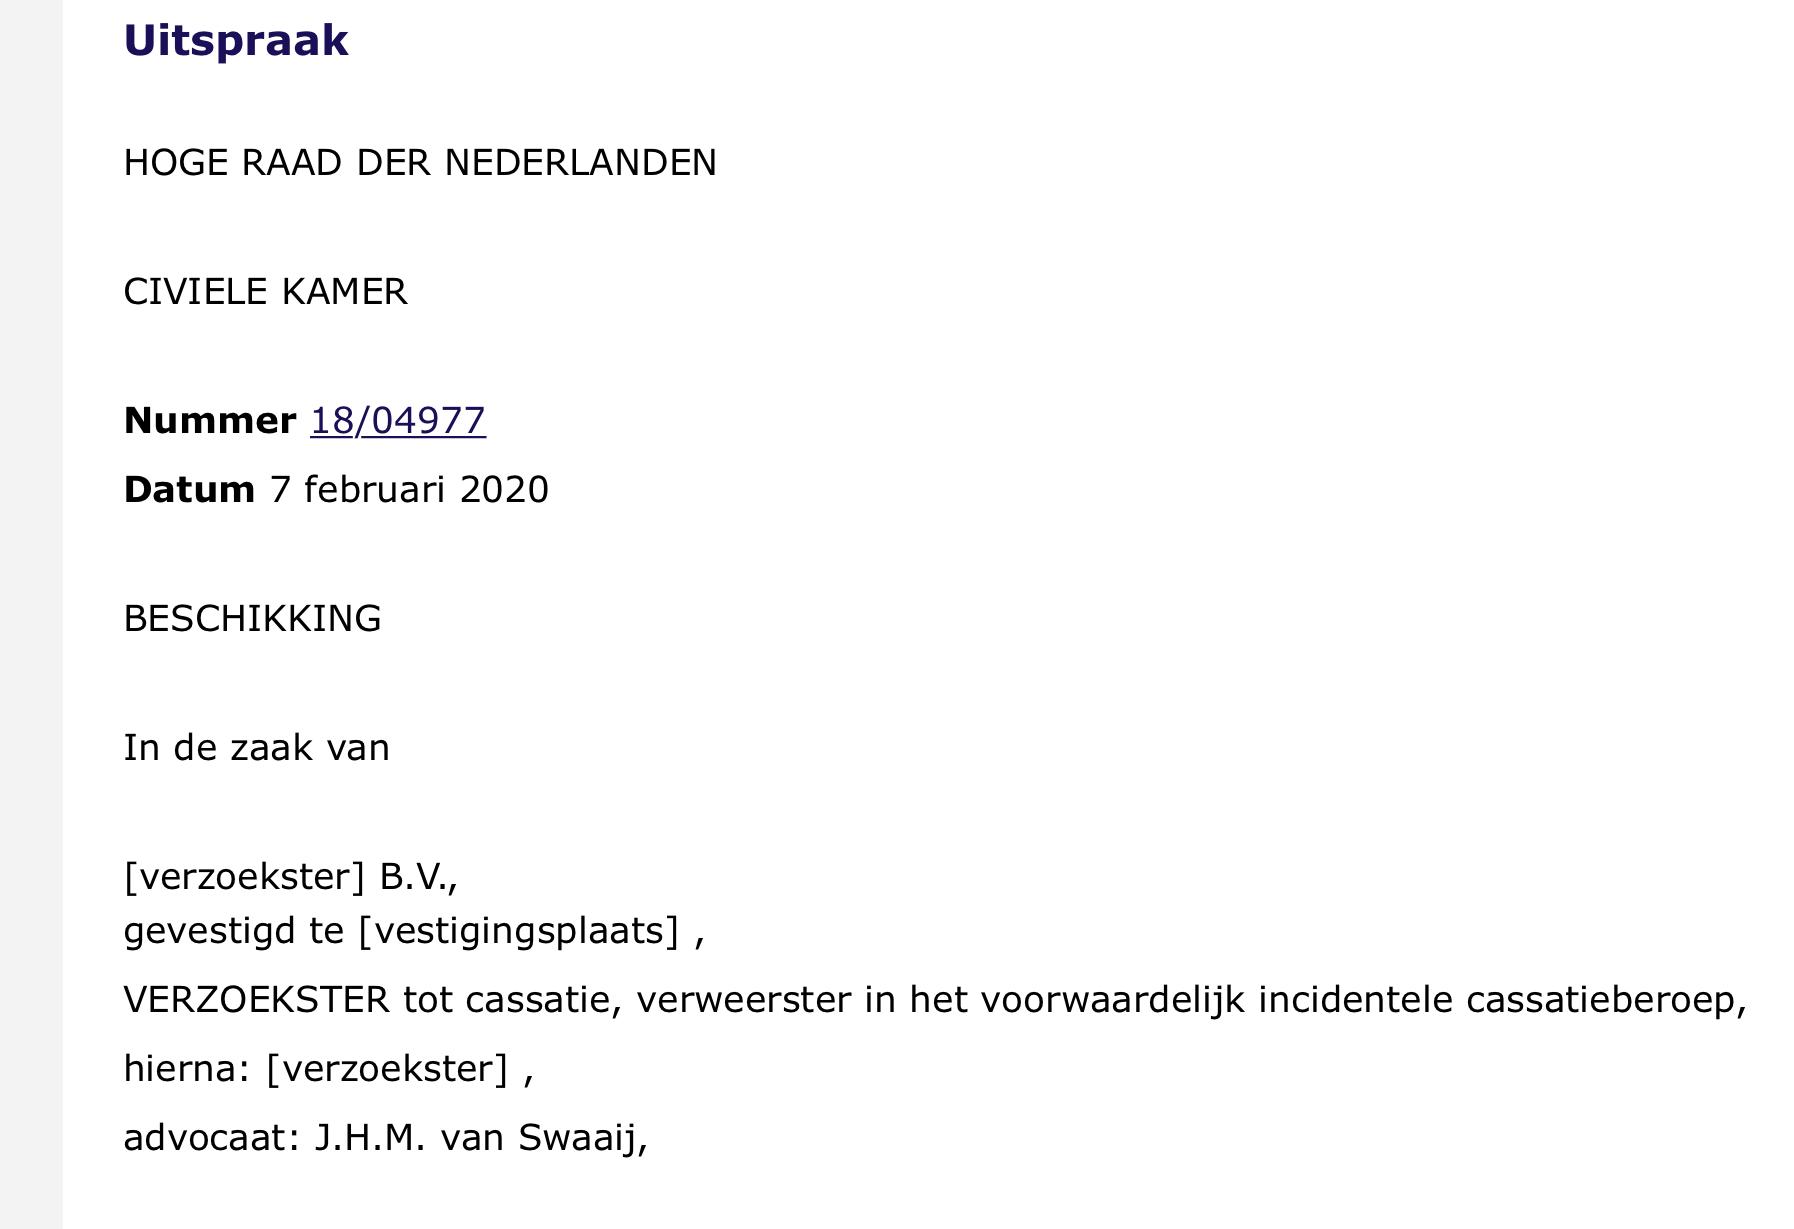 J.H.M. van Swaaij - - van Swaaij Cassastie & Consultancy - cassatieadvocaat - cassatie advocaat